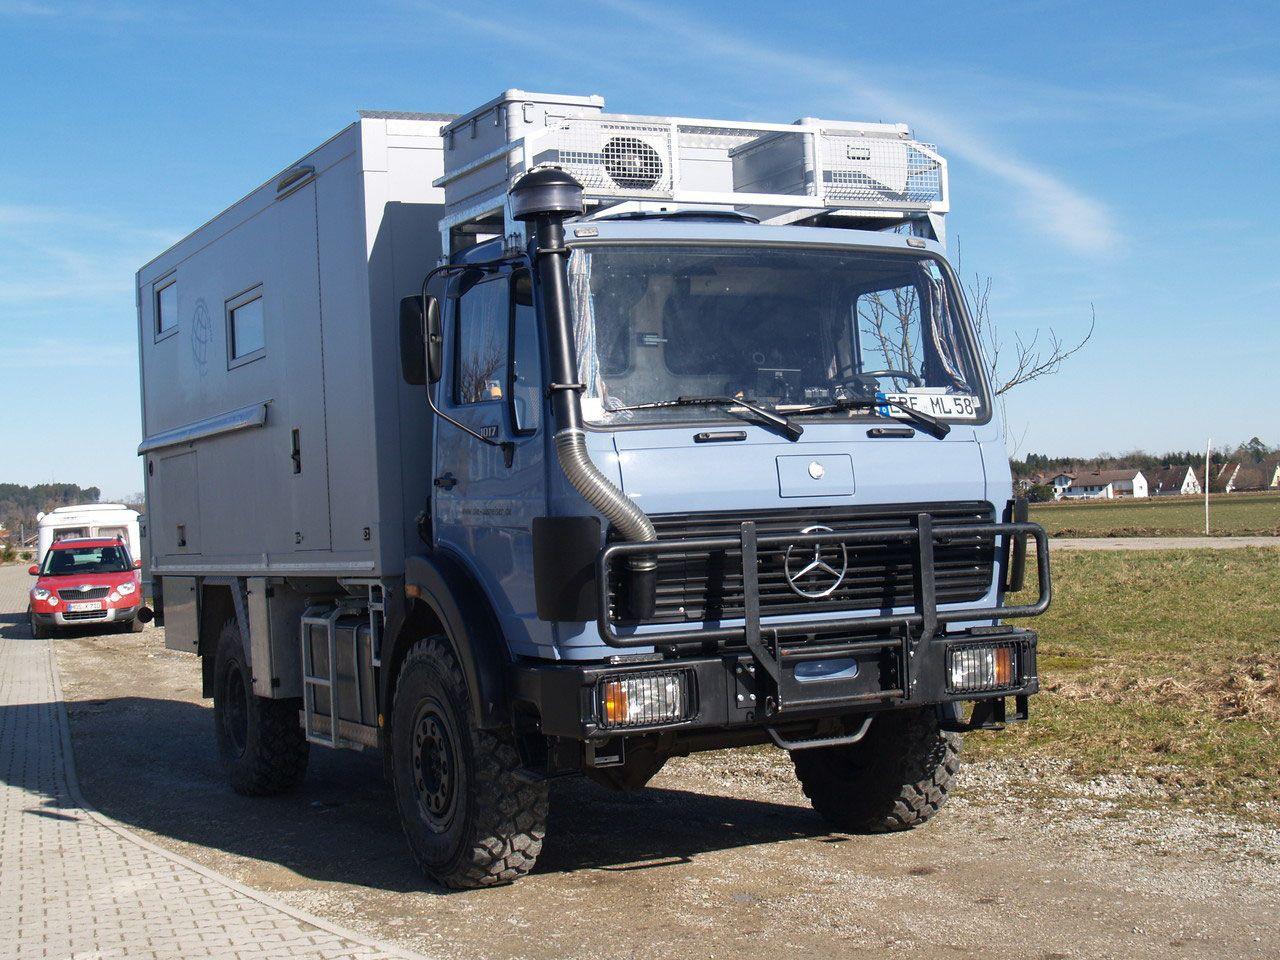 Die Entstehungsgeschichte - vom Bundeswehr LKW zum fertigen